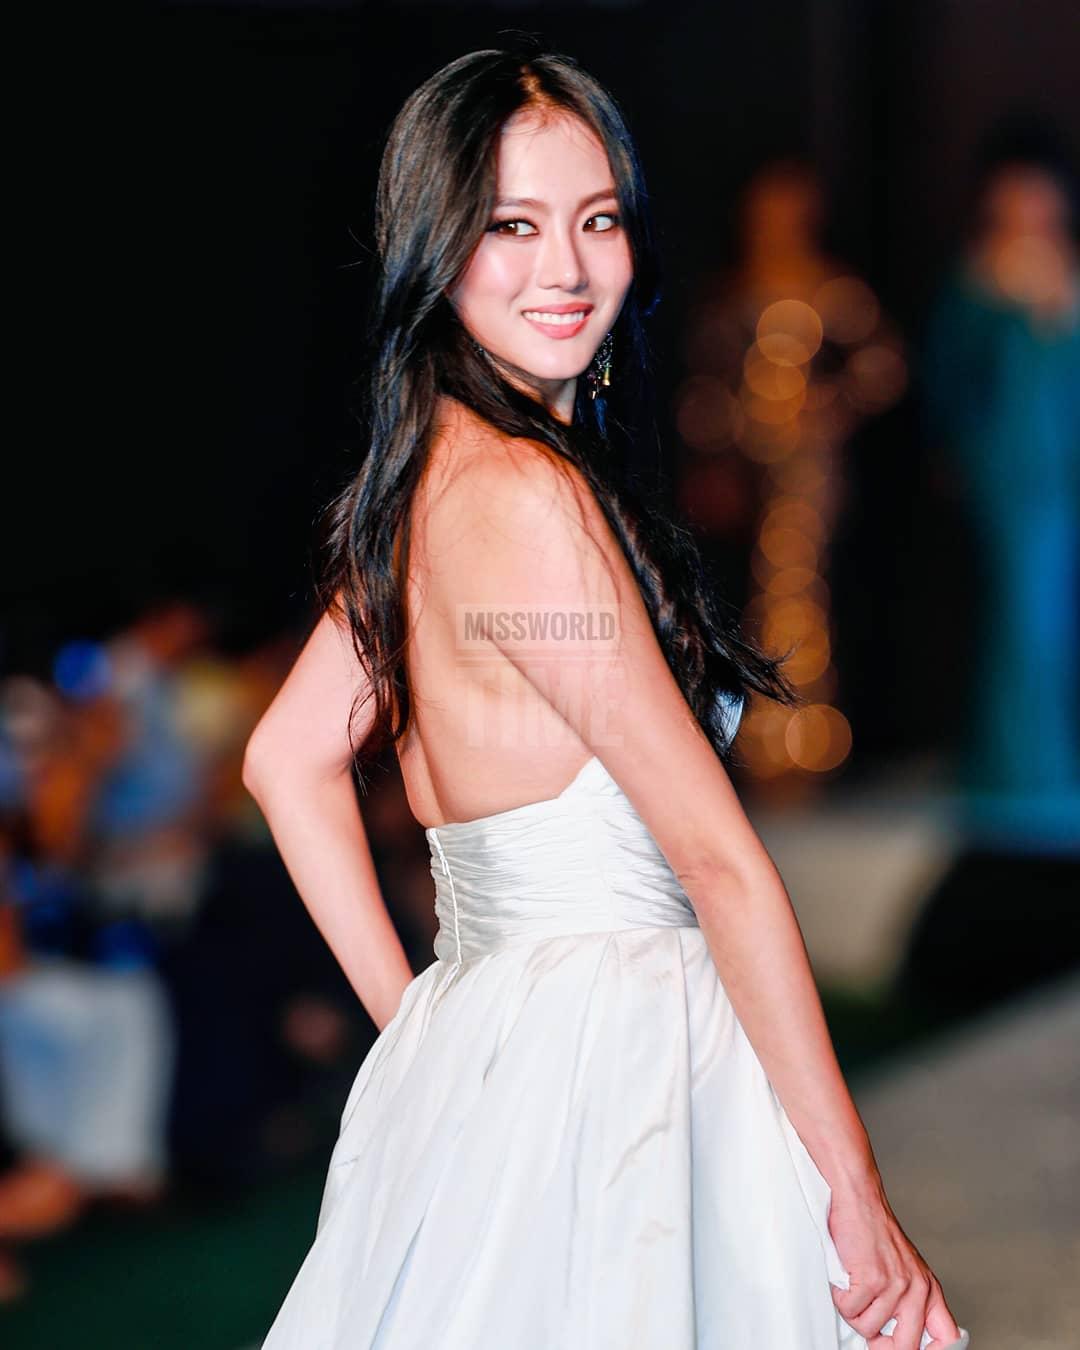 miss world 2018: fast track top model. vencedora: miss france. - Página 3 5lfdbkv7